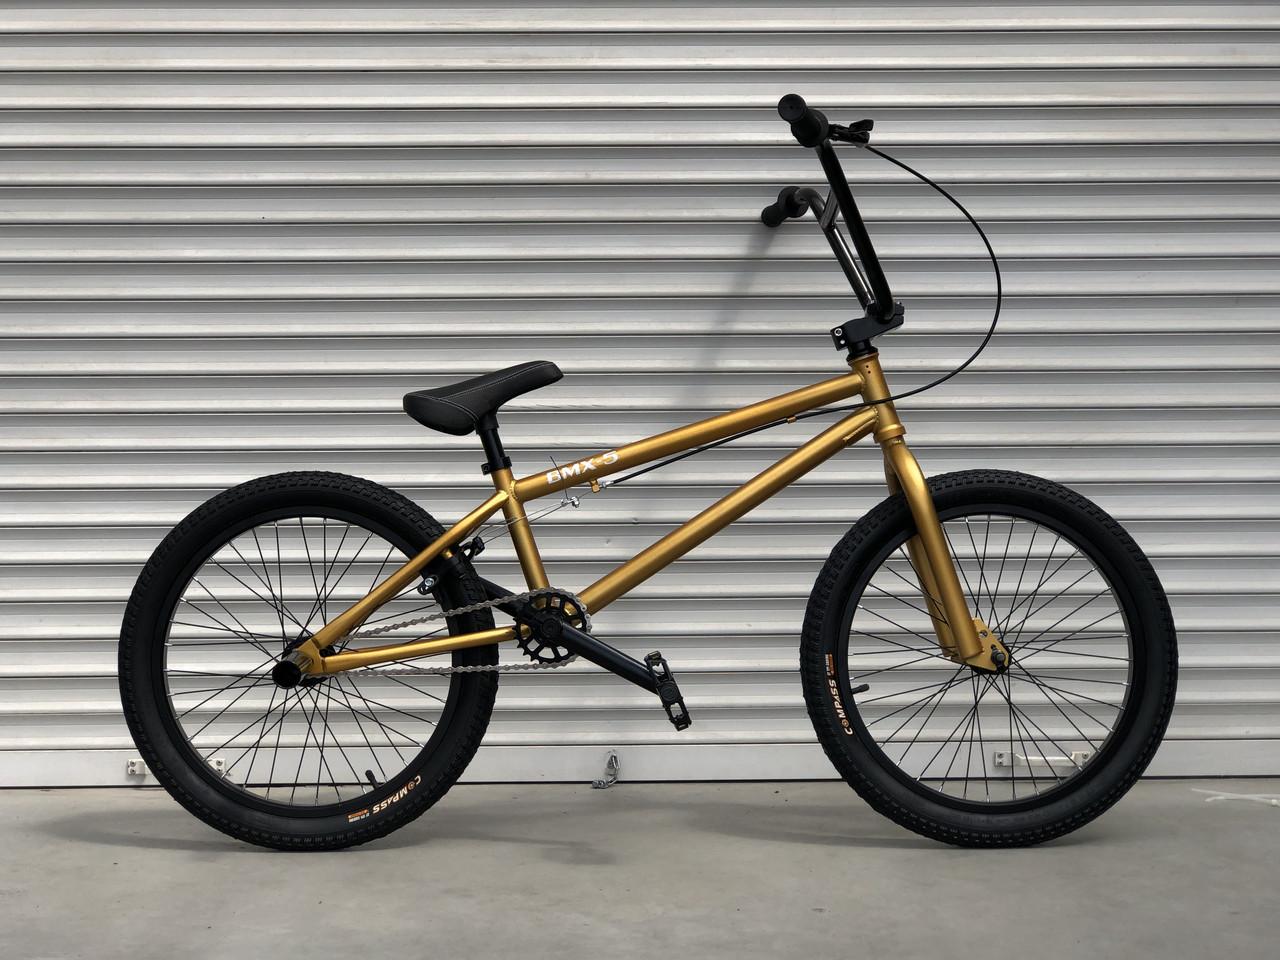 Дитячий підлітковий велосипед TopRider BMX-5 колеса 20 дюймів золотий